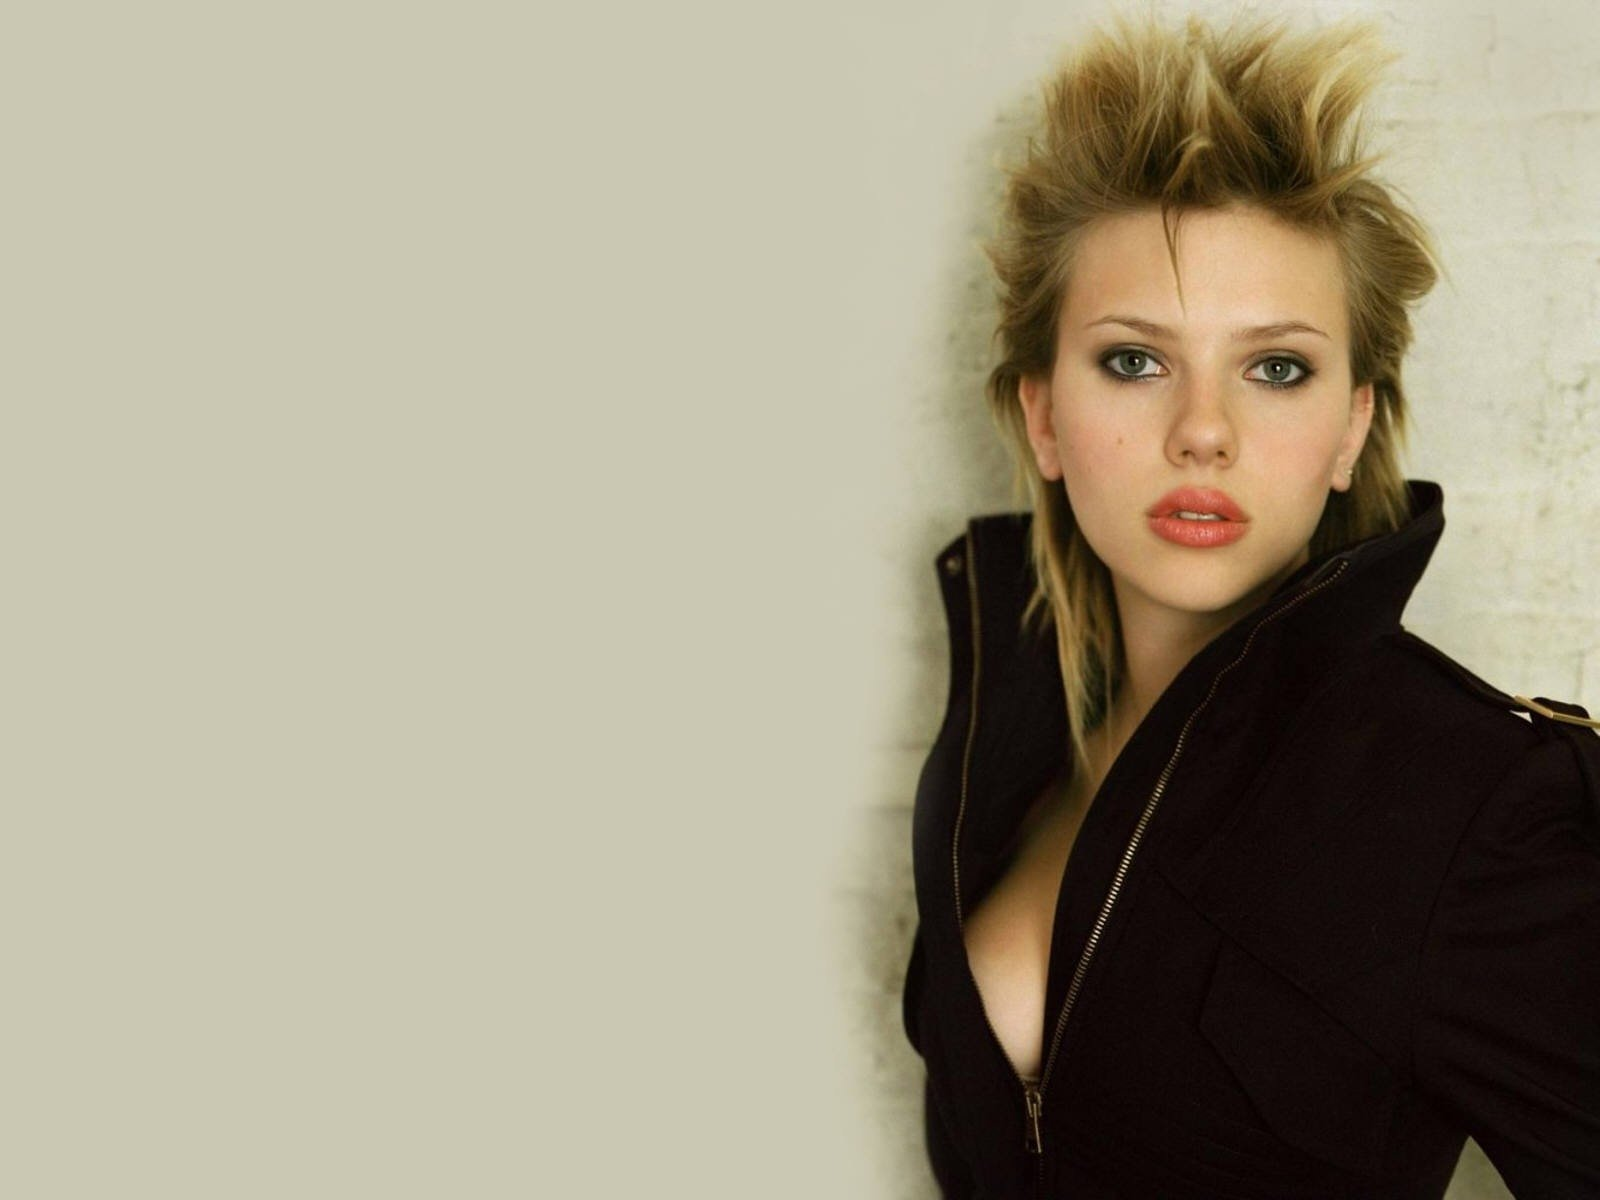 Wallpaper di una grintosa Scarlett Johansson